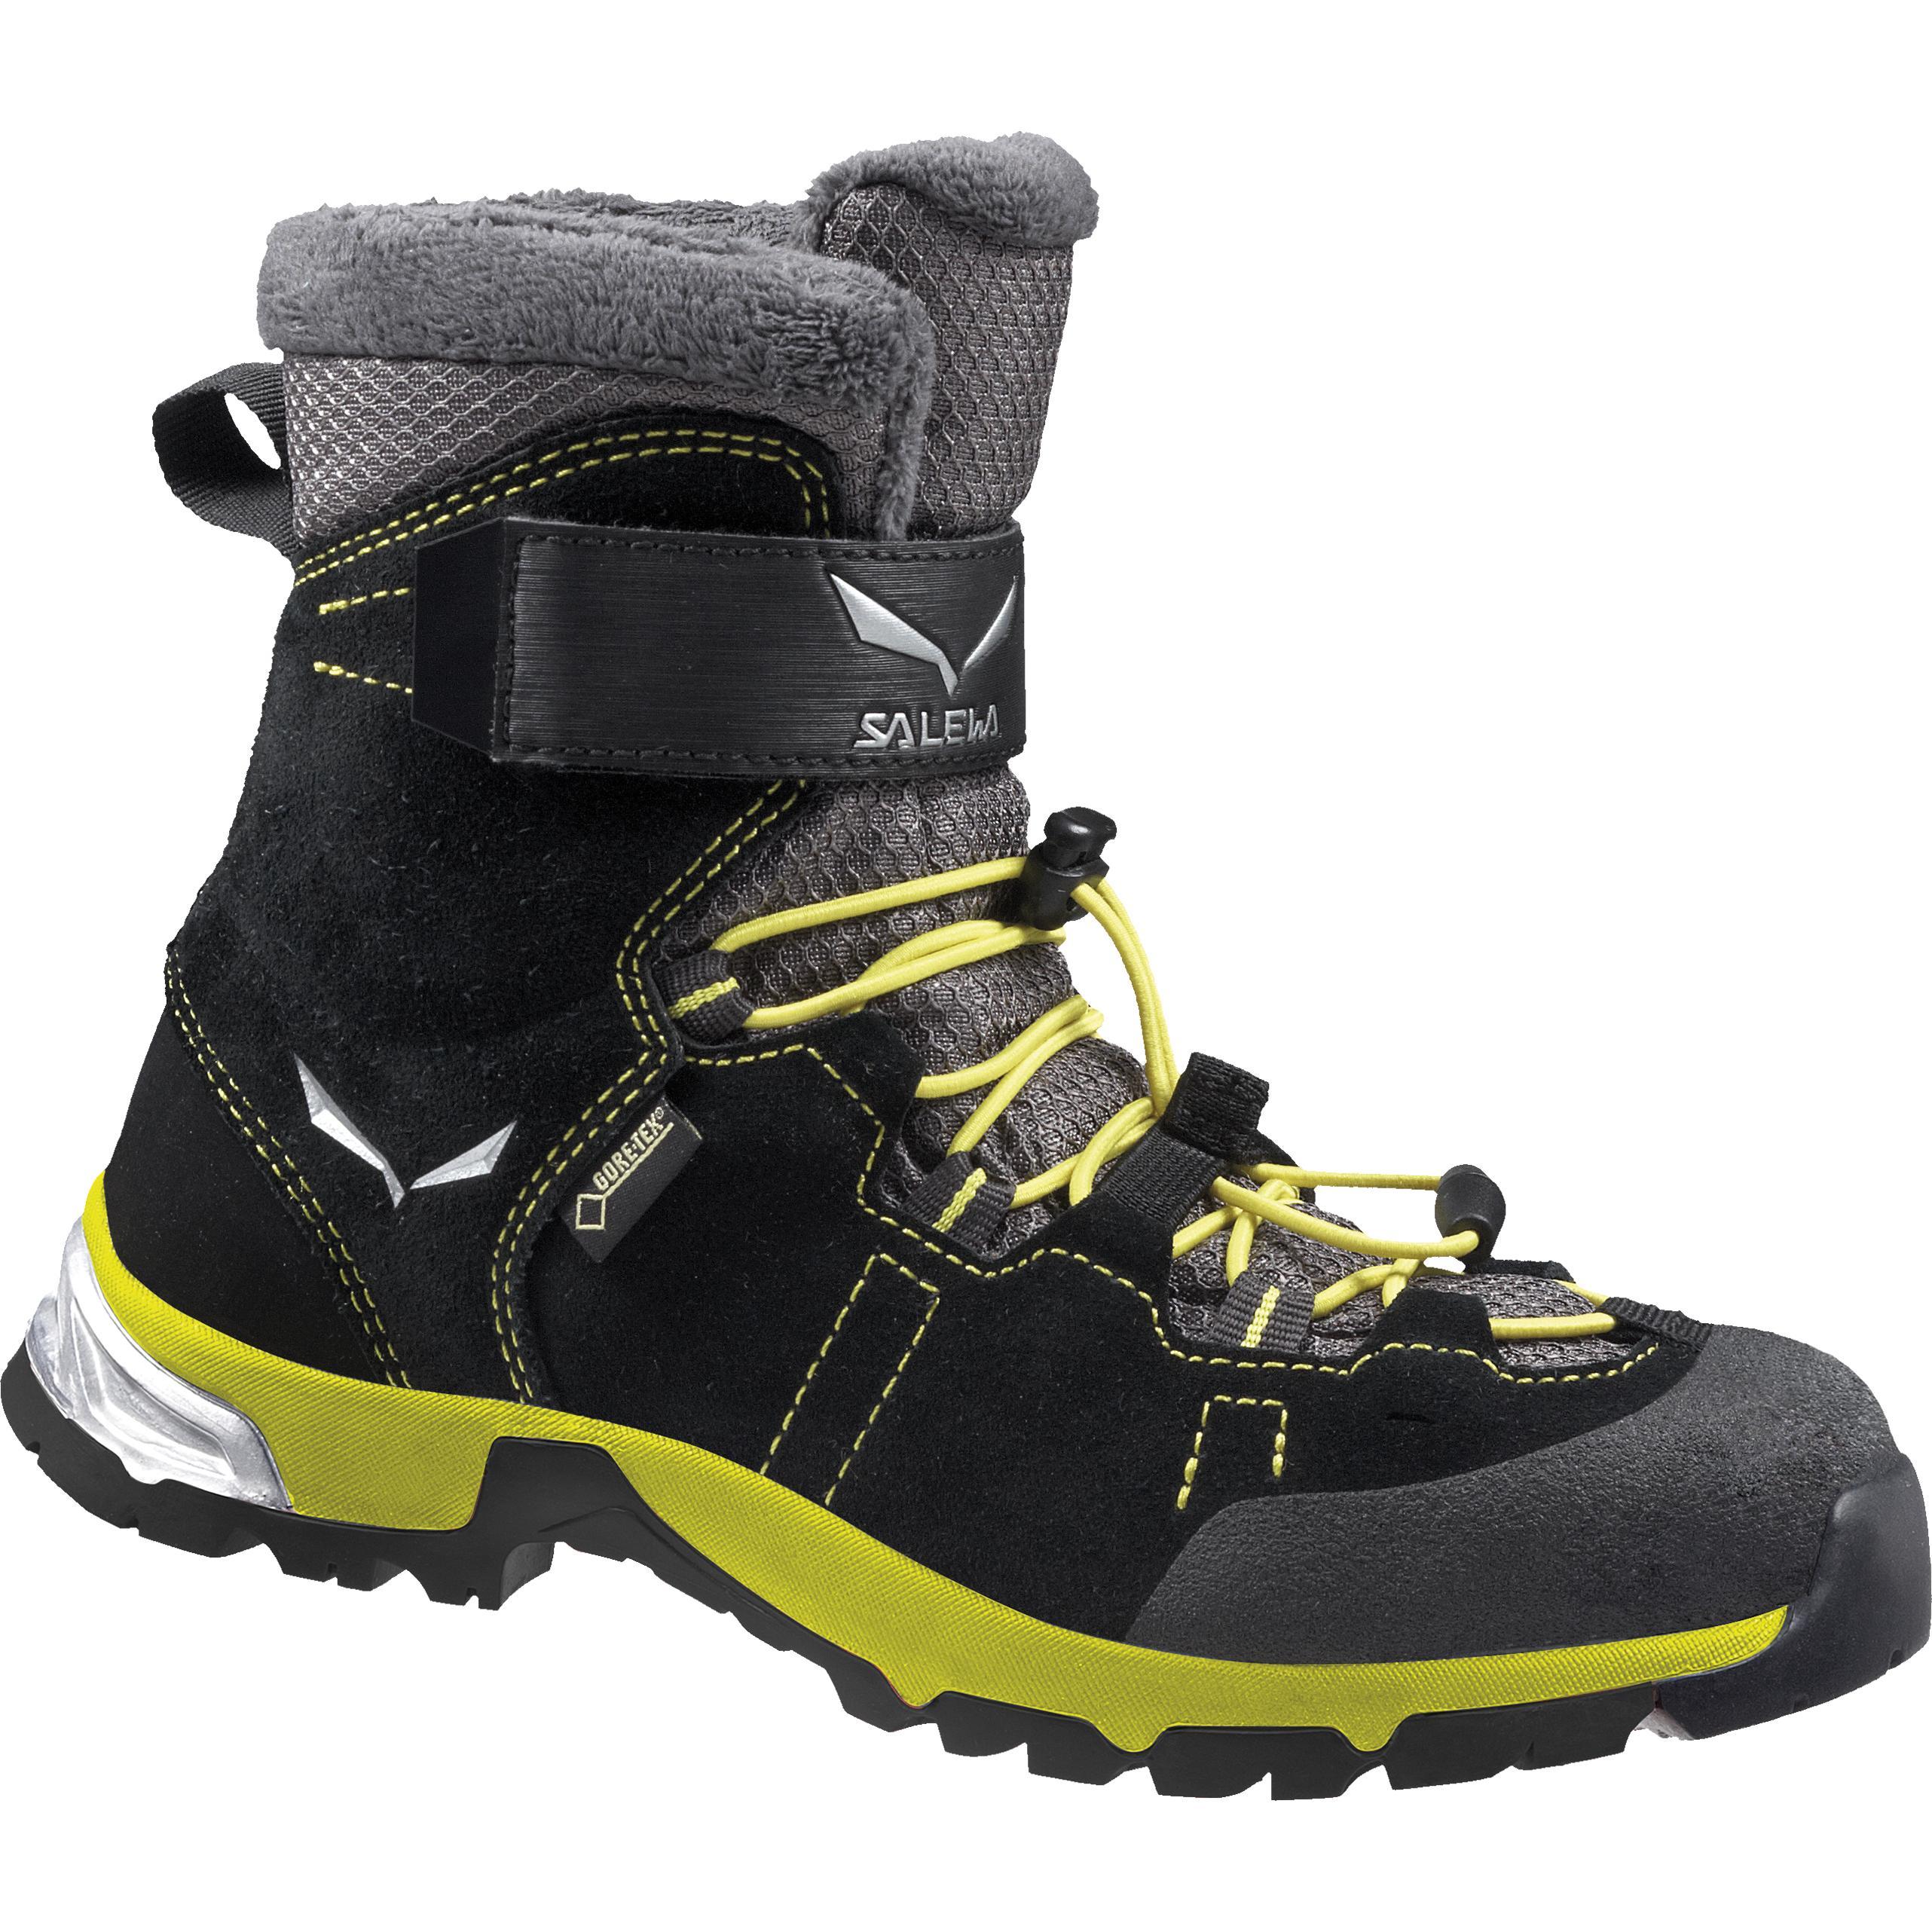 Ботинки городские (высокие) Salewa 2017-18 JR SNOWCAP GTX Black/Yellow, Обувь для города, 1205785  - купить со скидкой